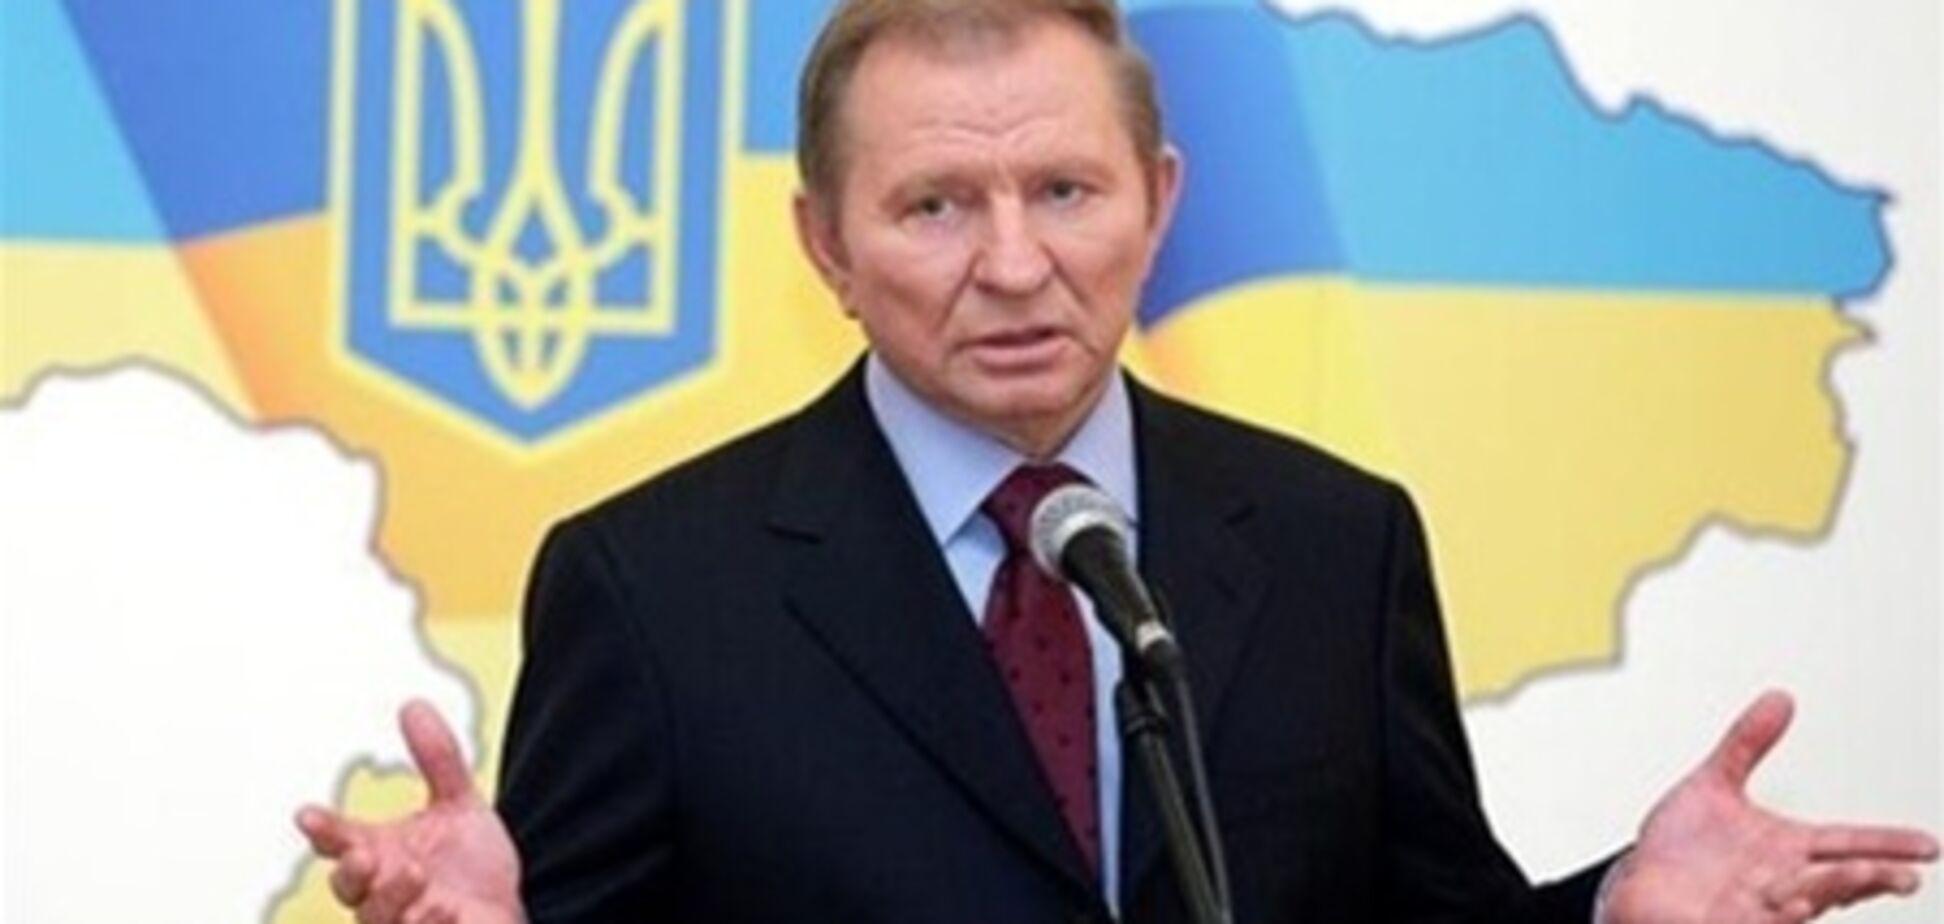 Мельниченко: Кучма розвалив Рух Костенка